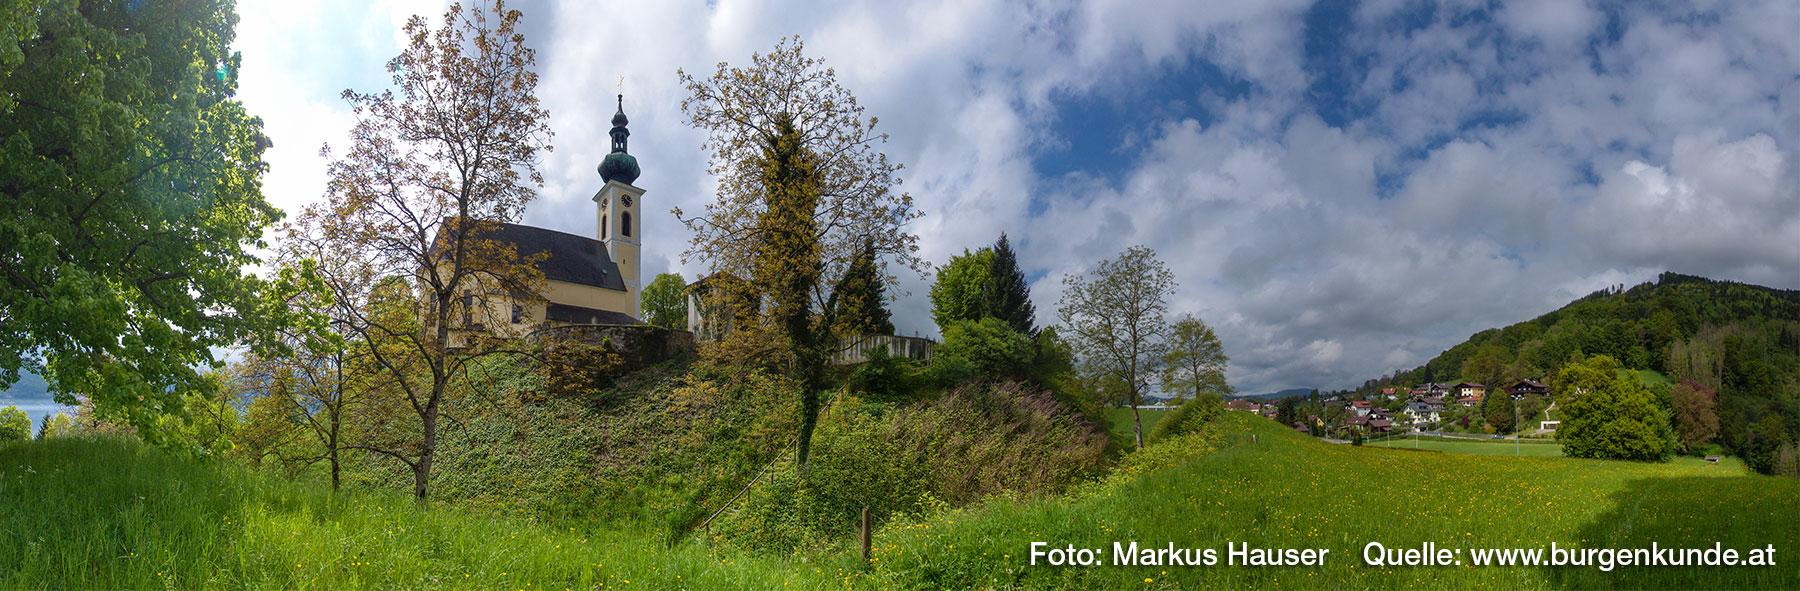 Der Kirchberg in Attersee, hier wird die karolingische Pfalz, der Königshof Atarhova, vermutet. Rechts der Buchberg, auf dessen Plateau sich eine Ringwallanlage befindet.